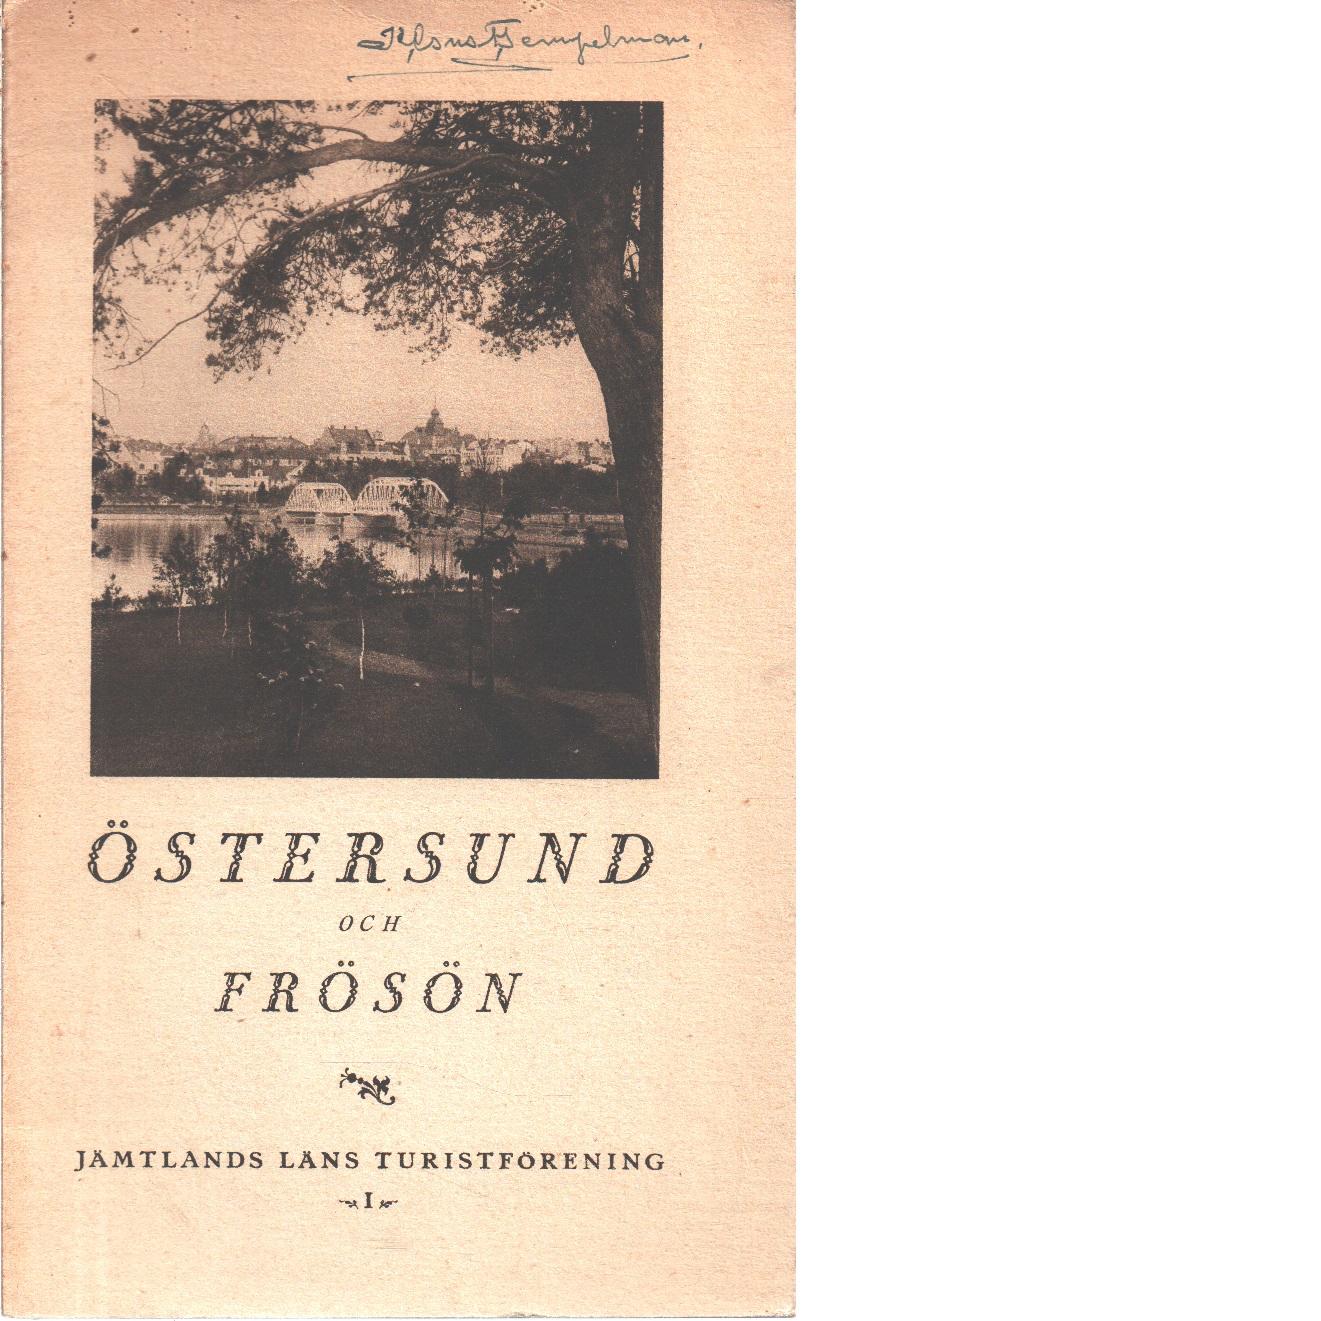 Östersund och Frösön : några glimtar ur stadens och öns historia och topografi - Red.